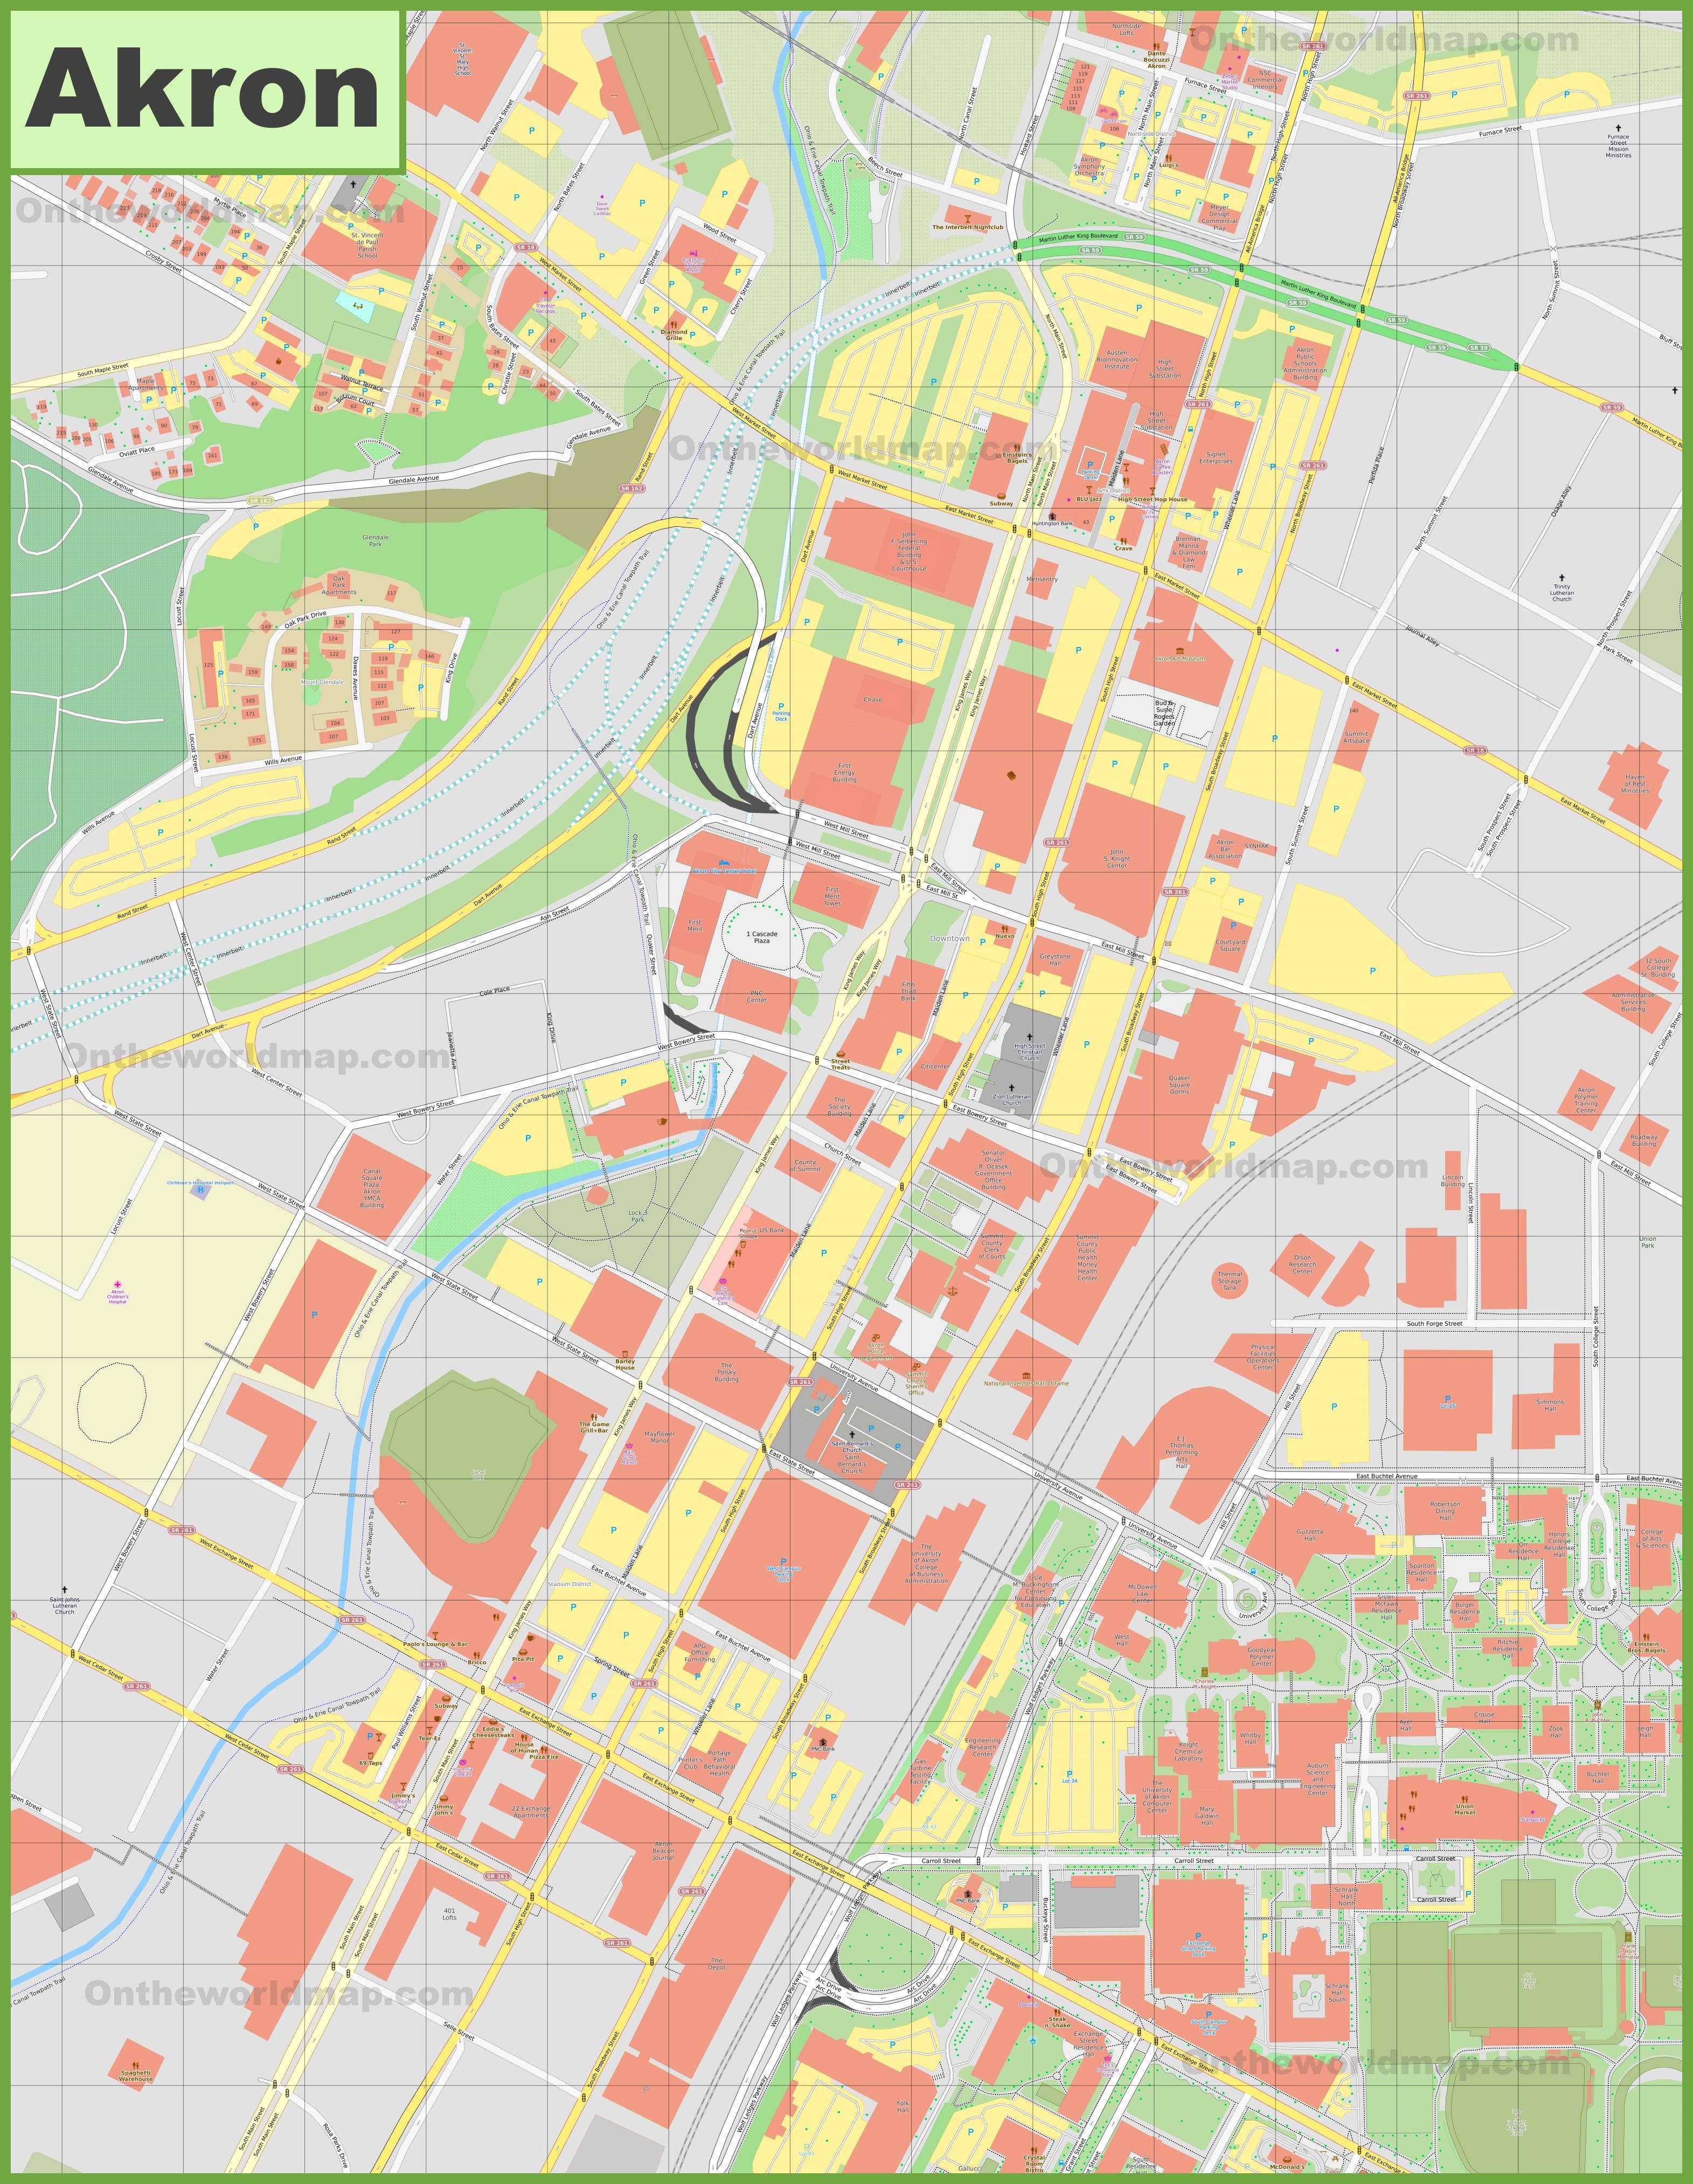 Akron downtown map